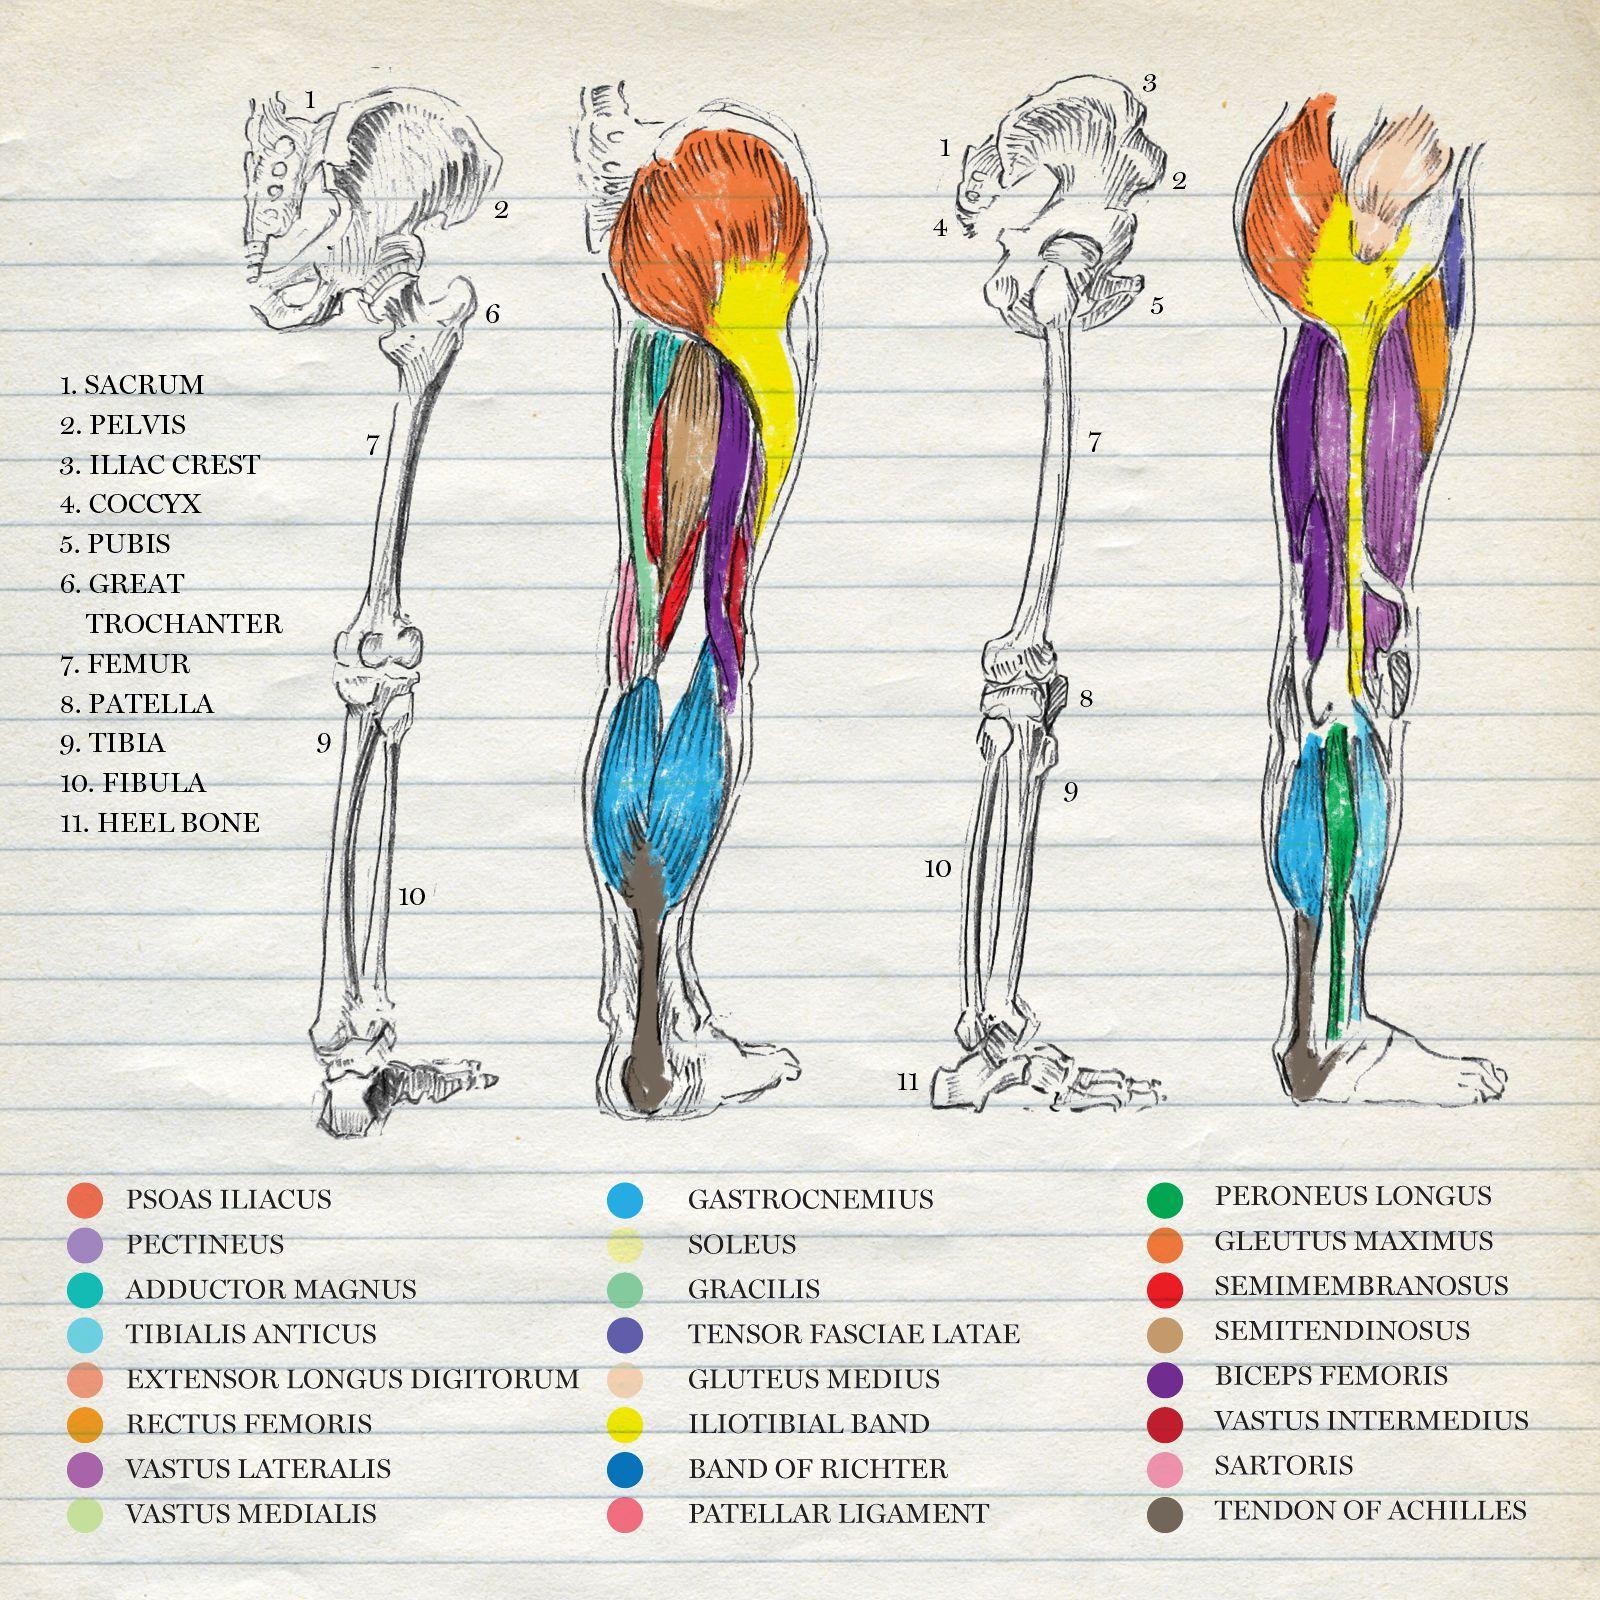 La cresta ilíaca es el borde superior del ala del hueso ilíaco y el ...